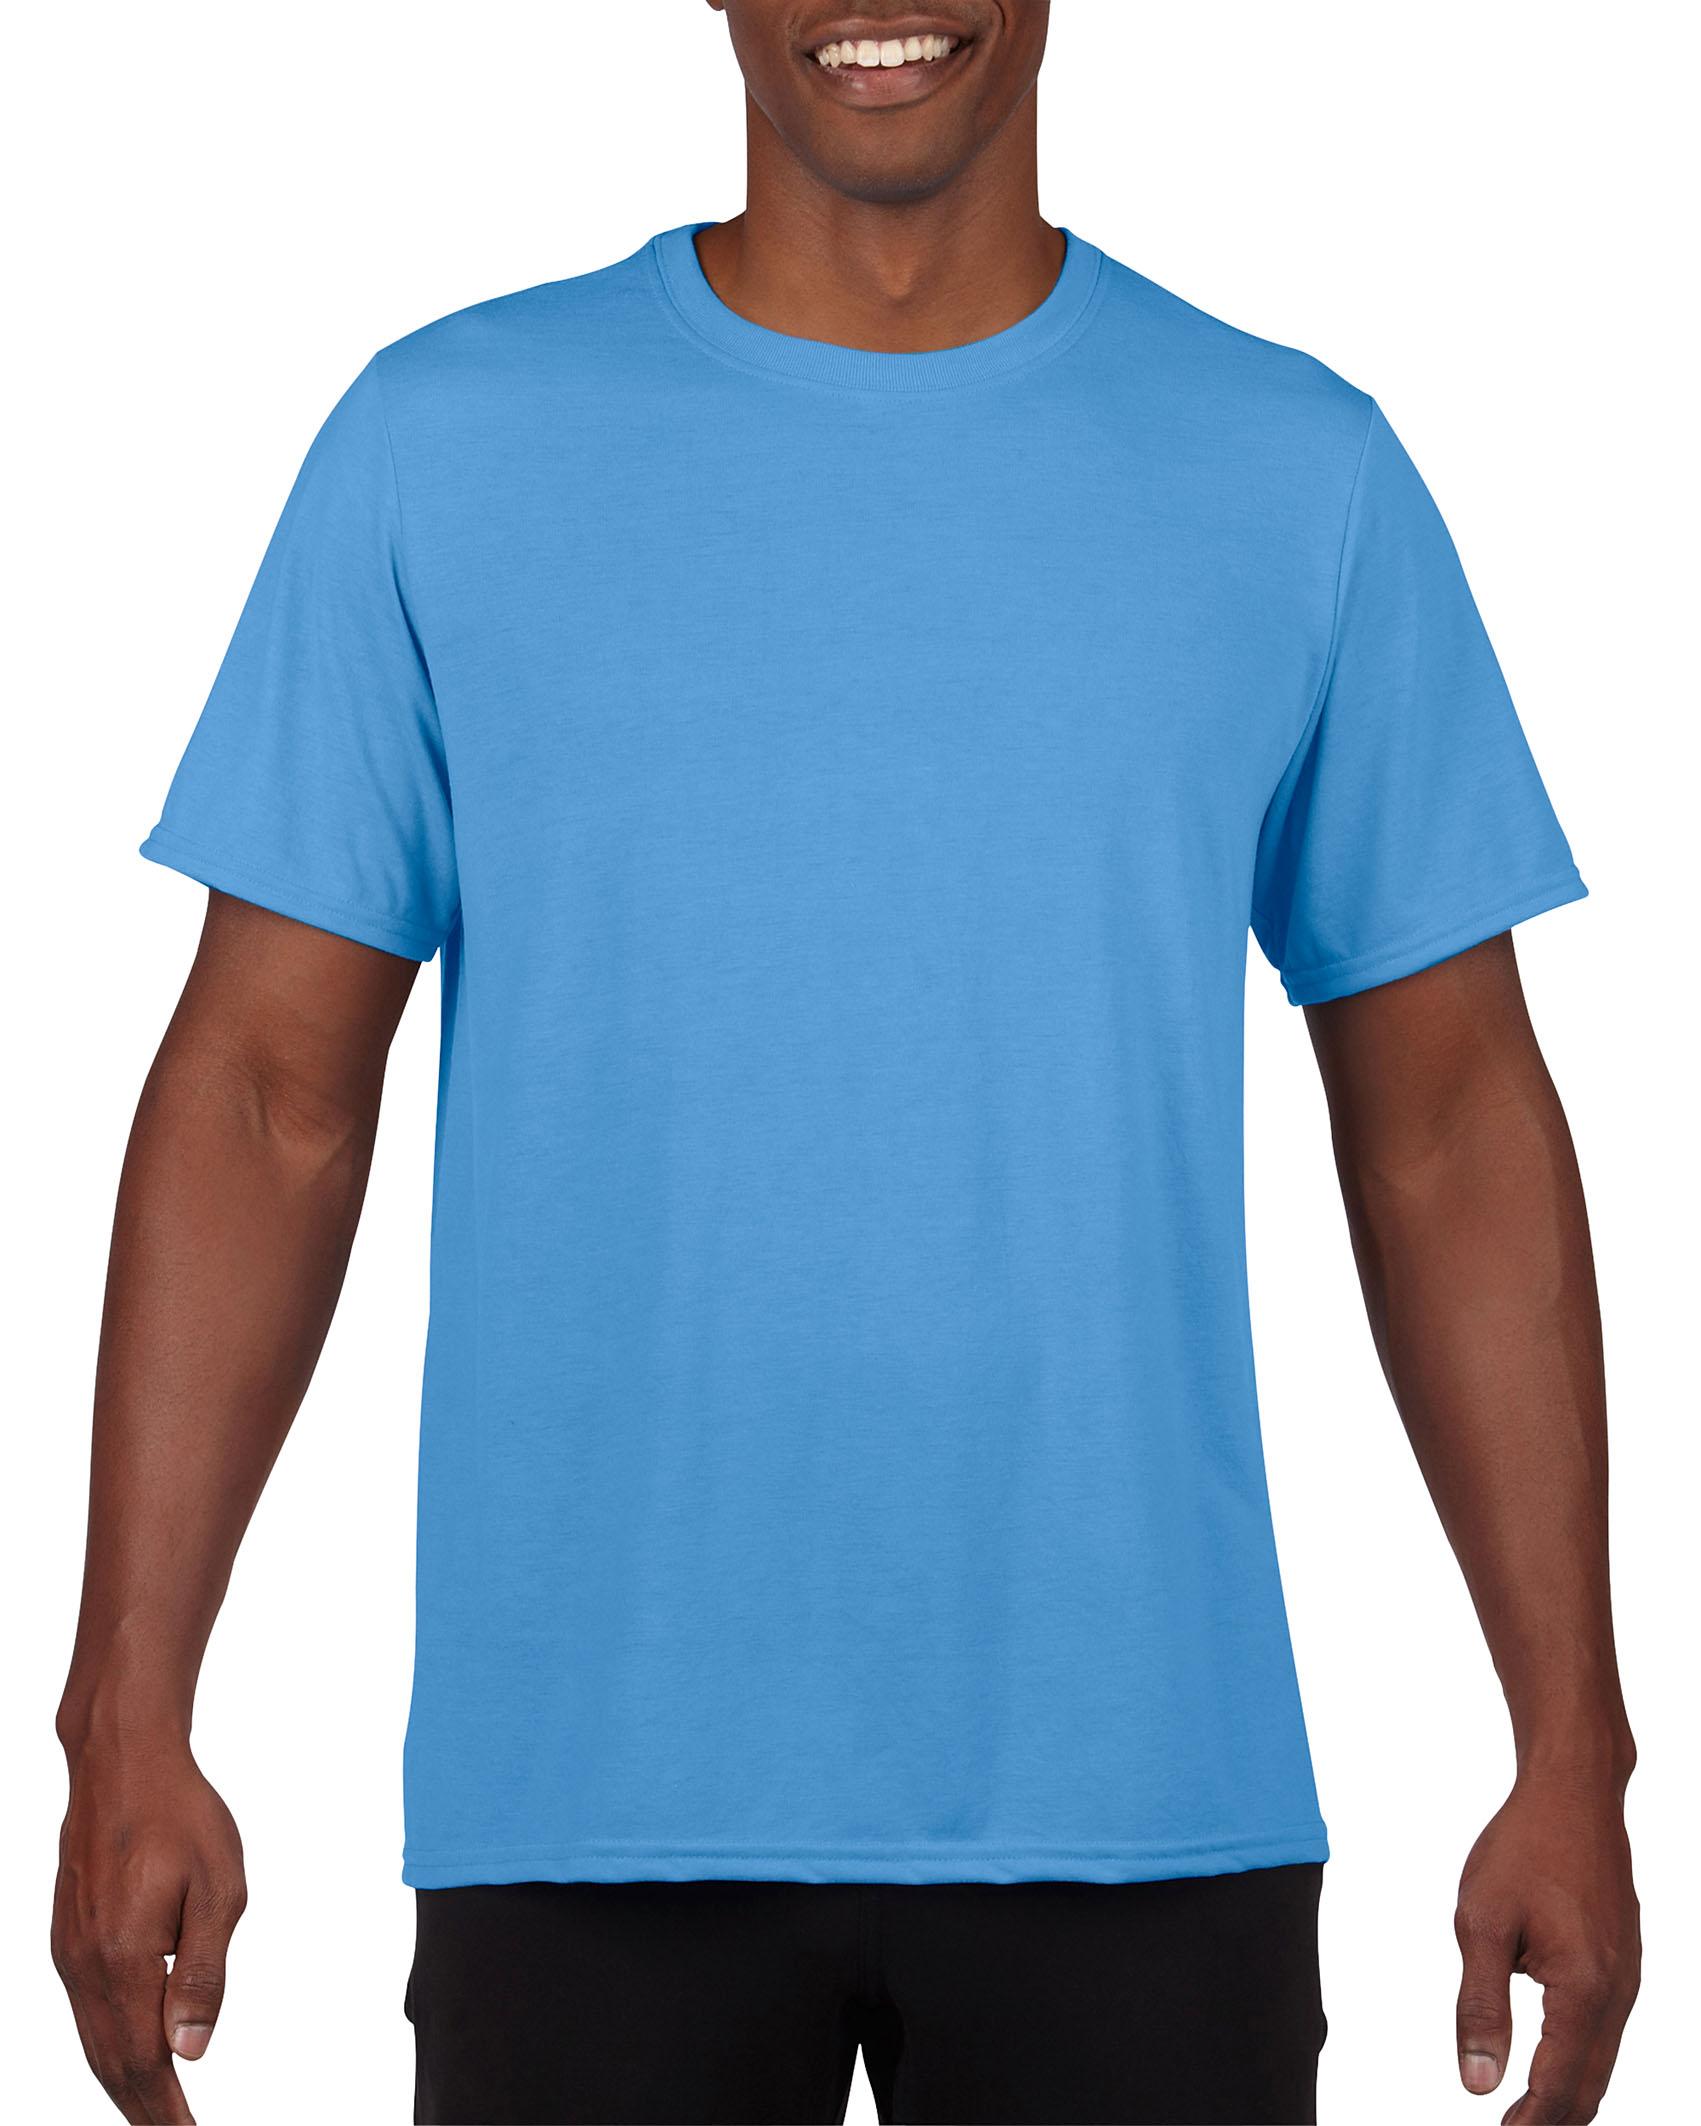 sport light blue